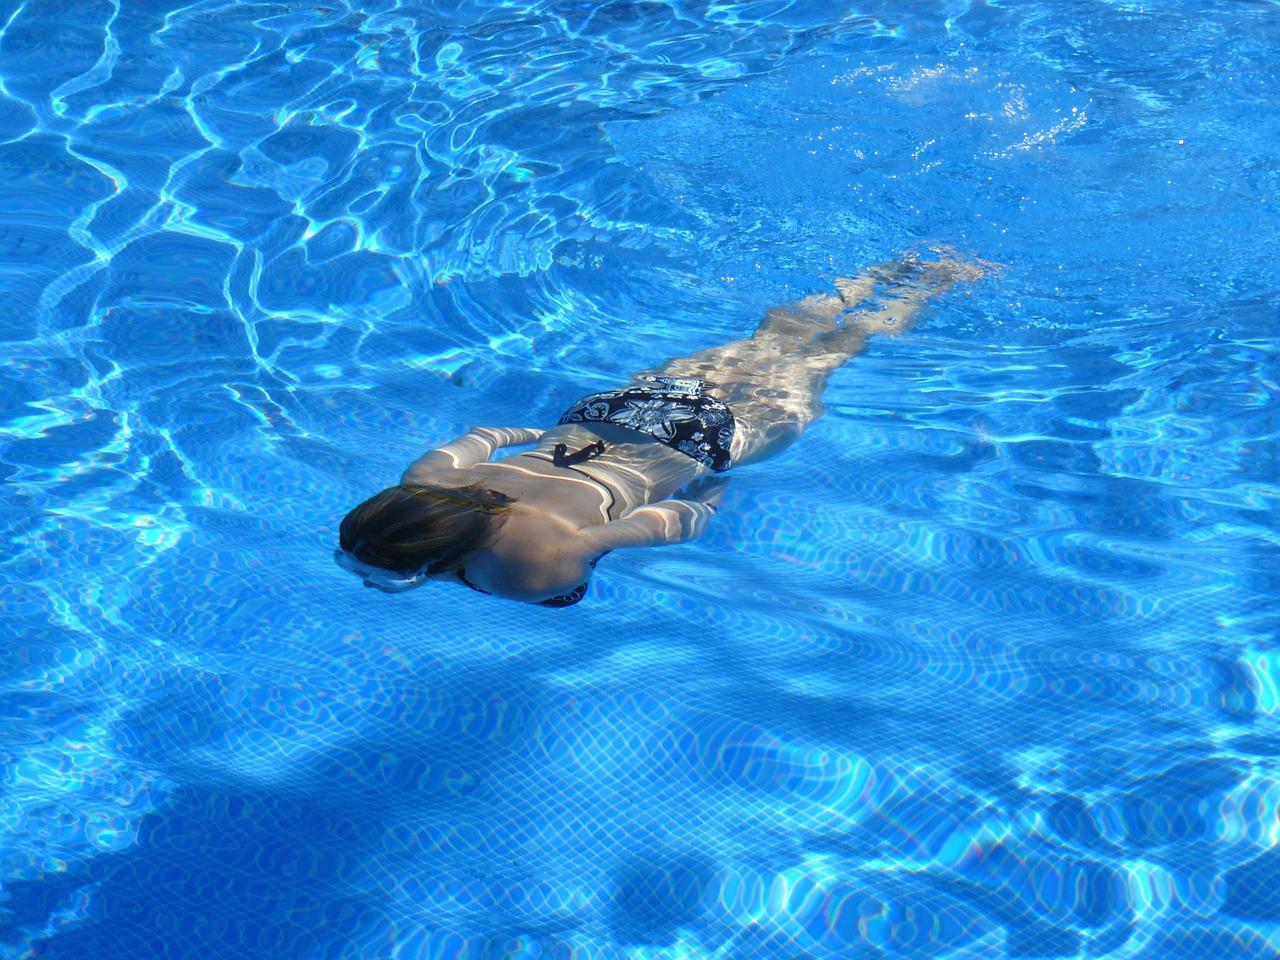 comportamiento en una piscina